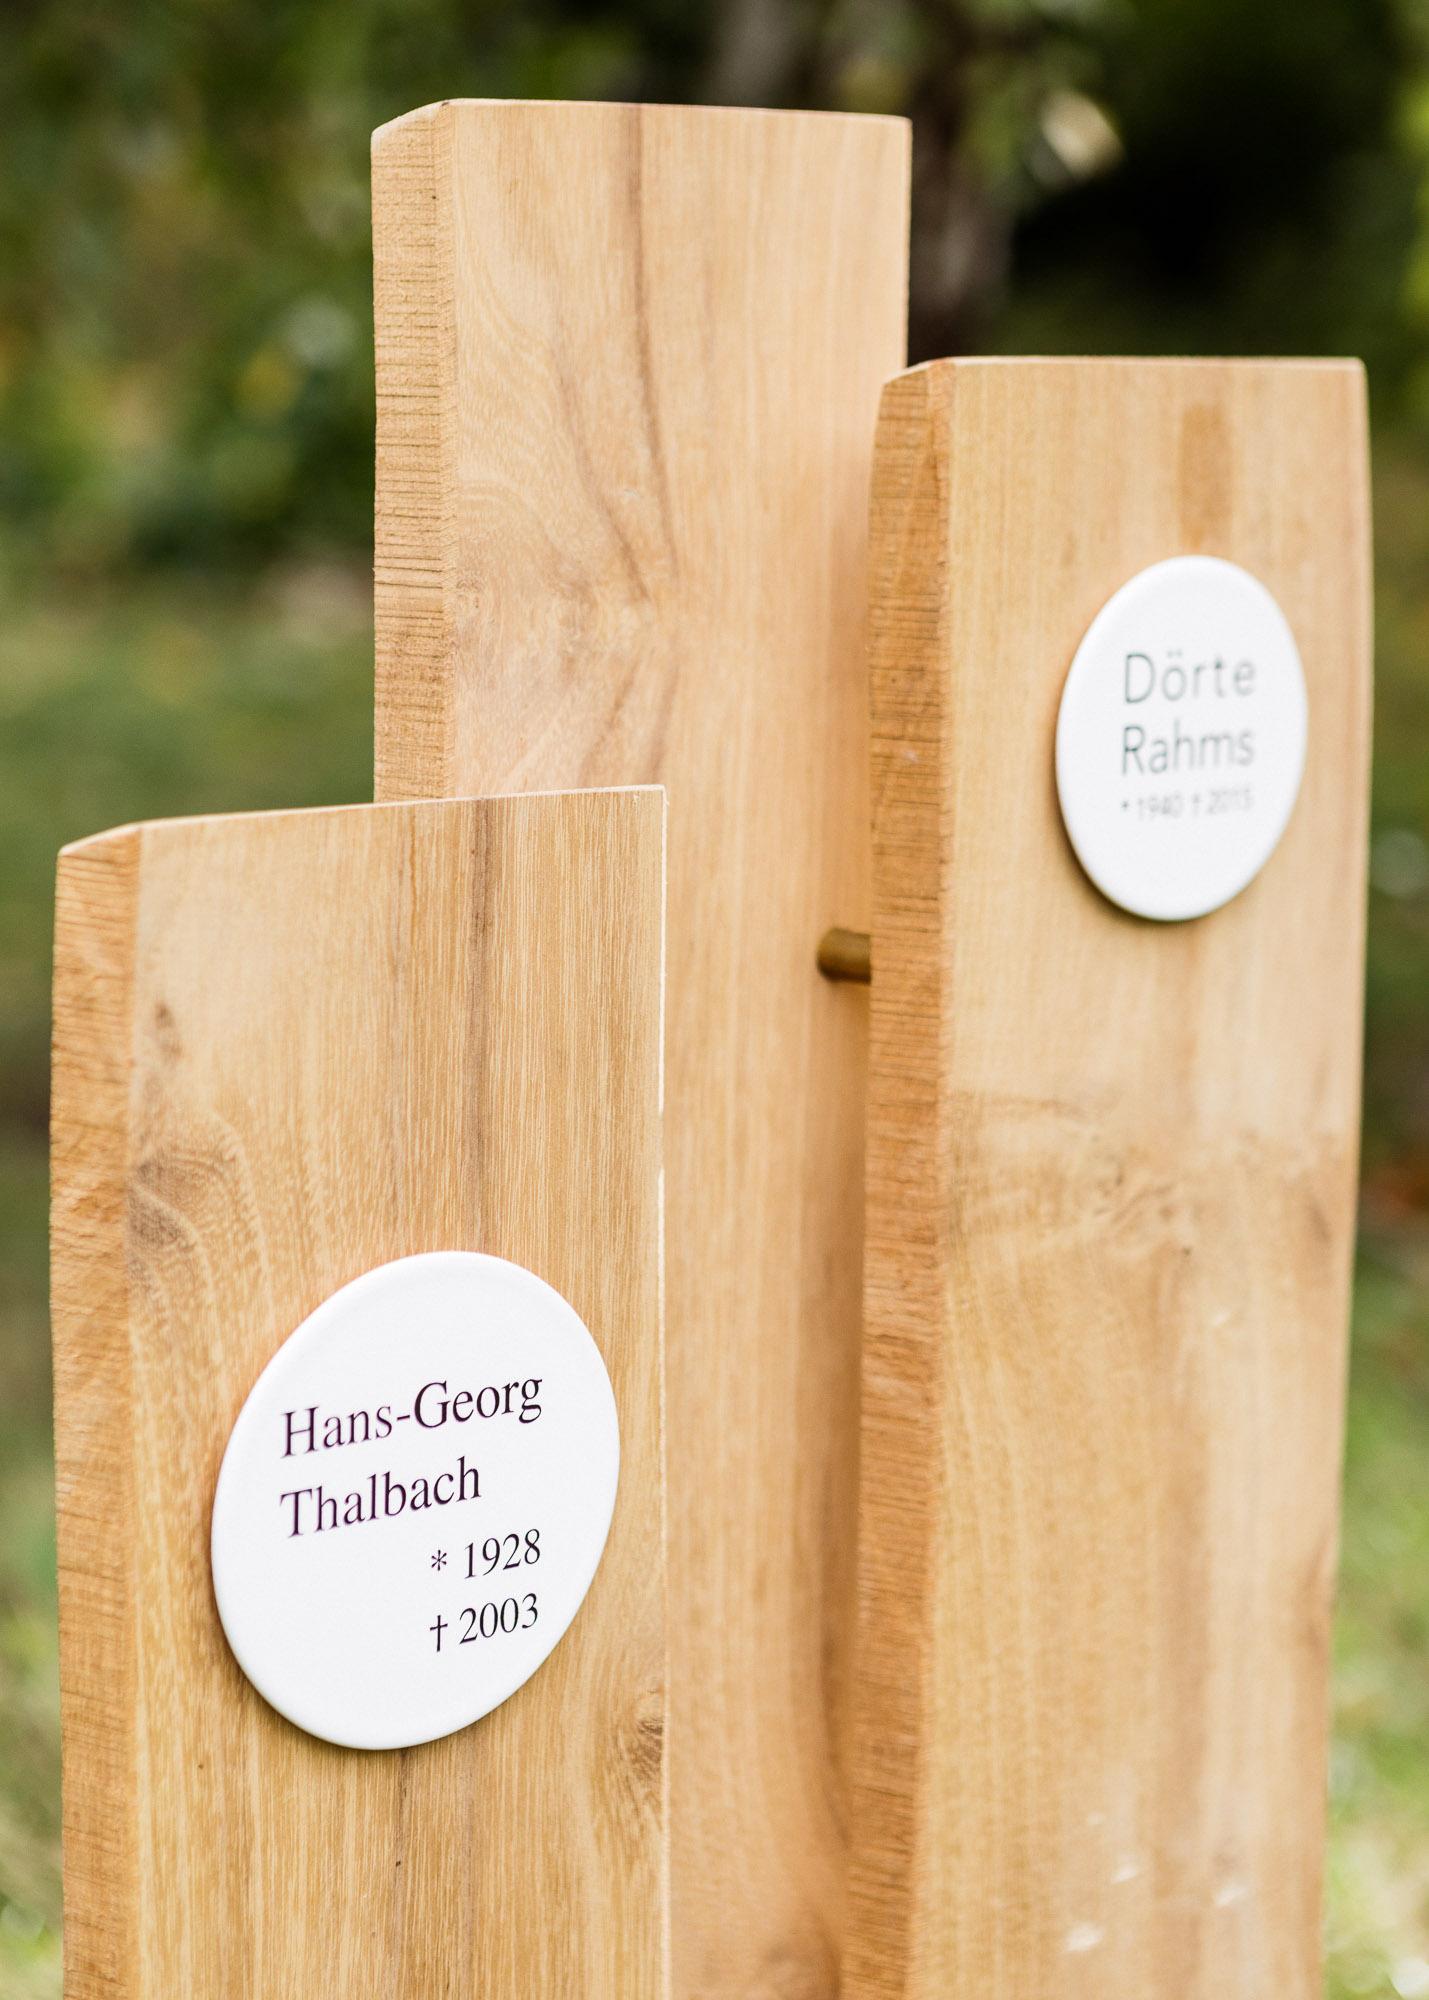 Paargrabmal - Naturholz geschichtete Lamellen mit vorgesetztem Emaille-Grabschild